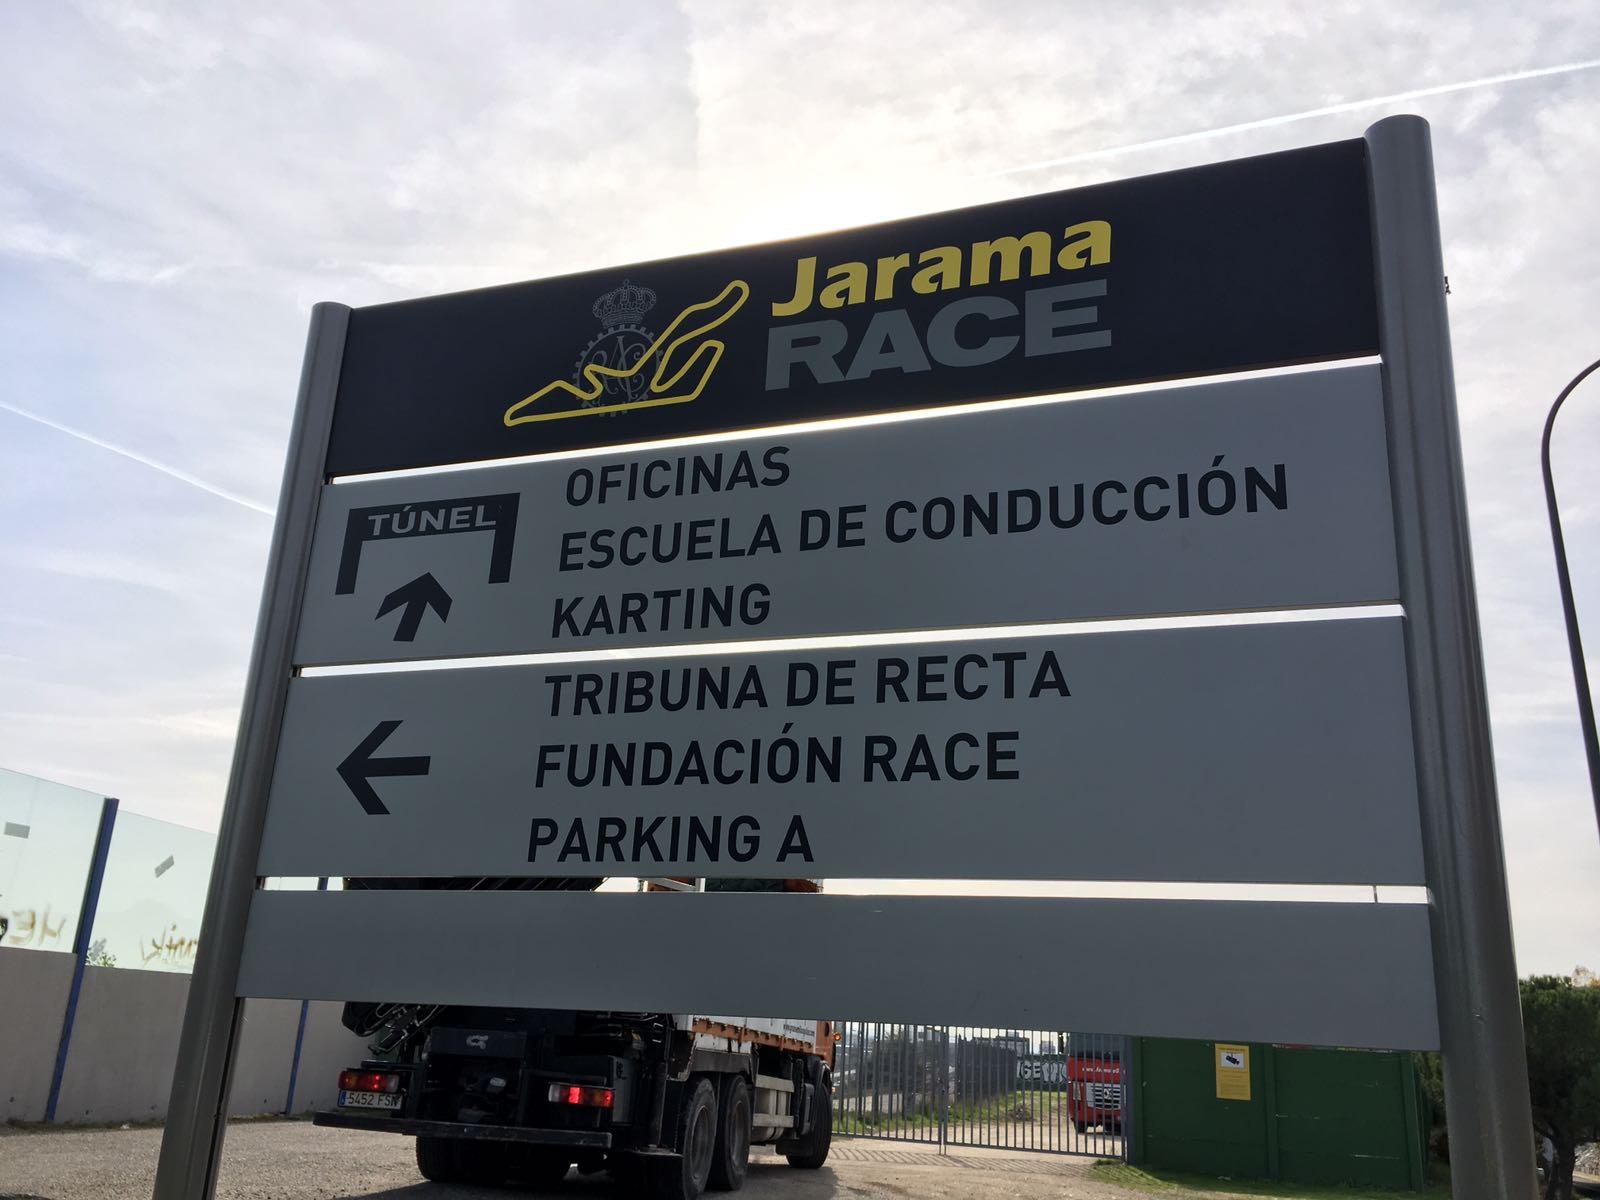 Jarama03.jpg